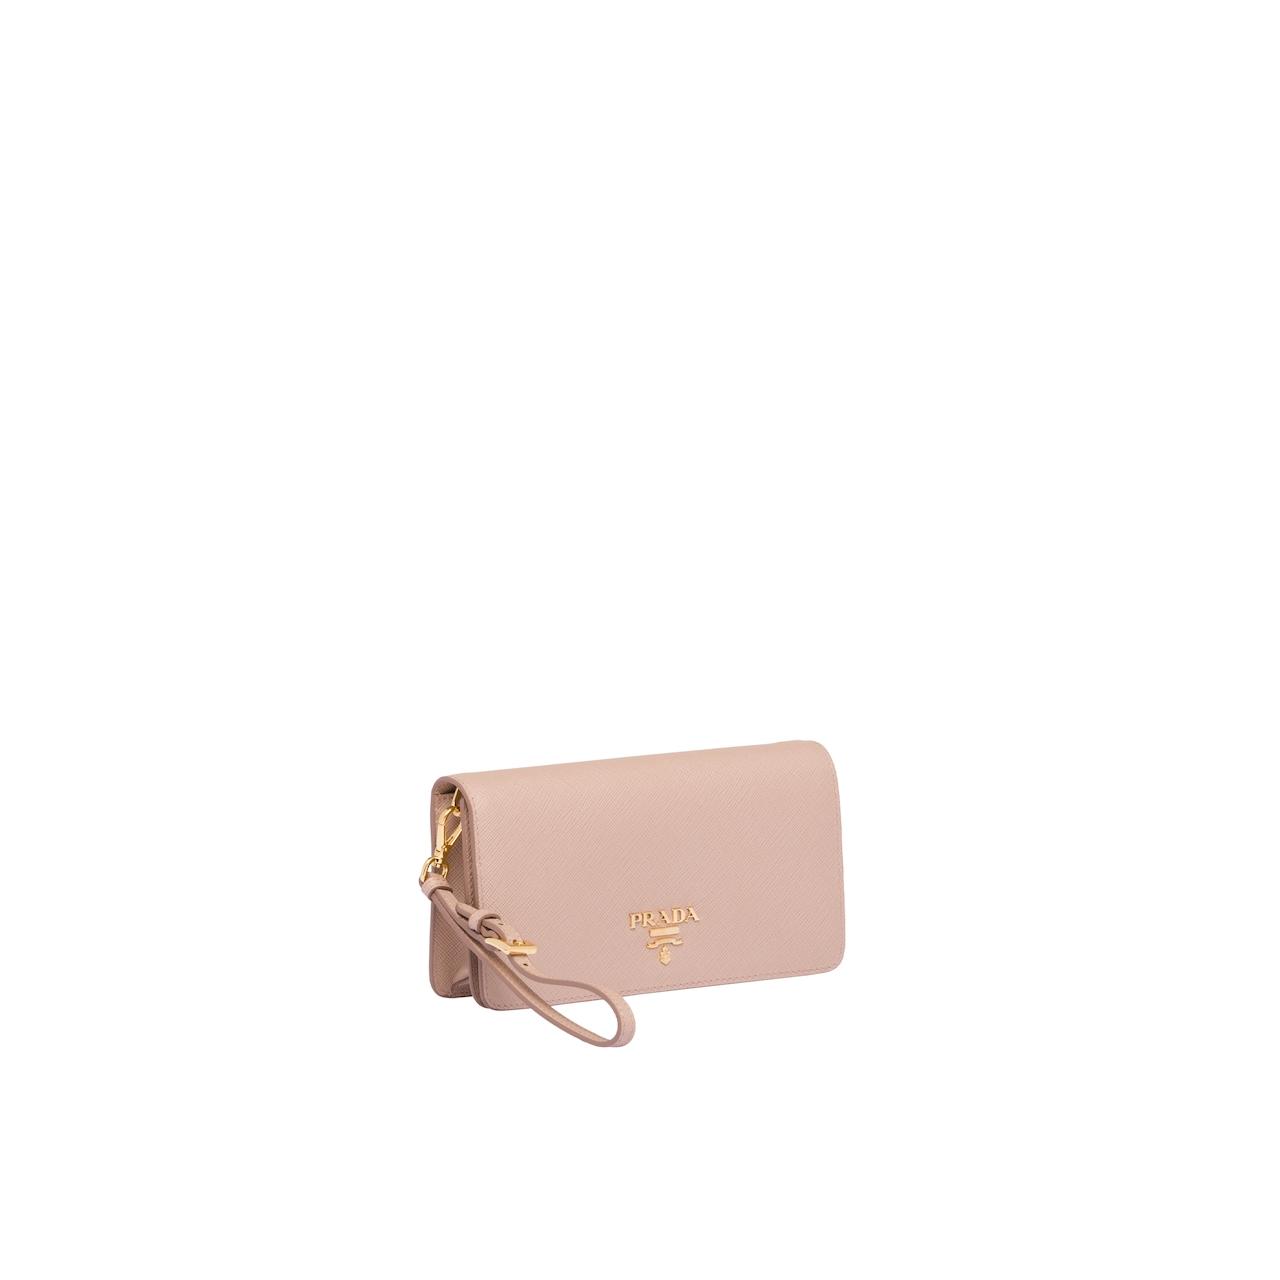 Prada Saffiano 皮革迷你手袋 3